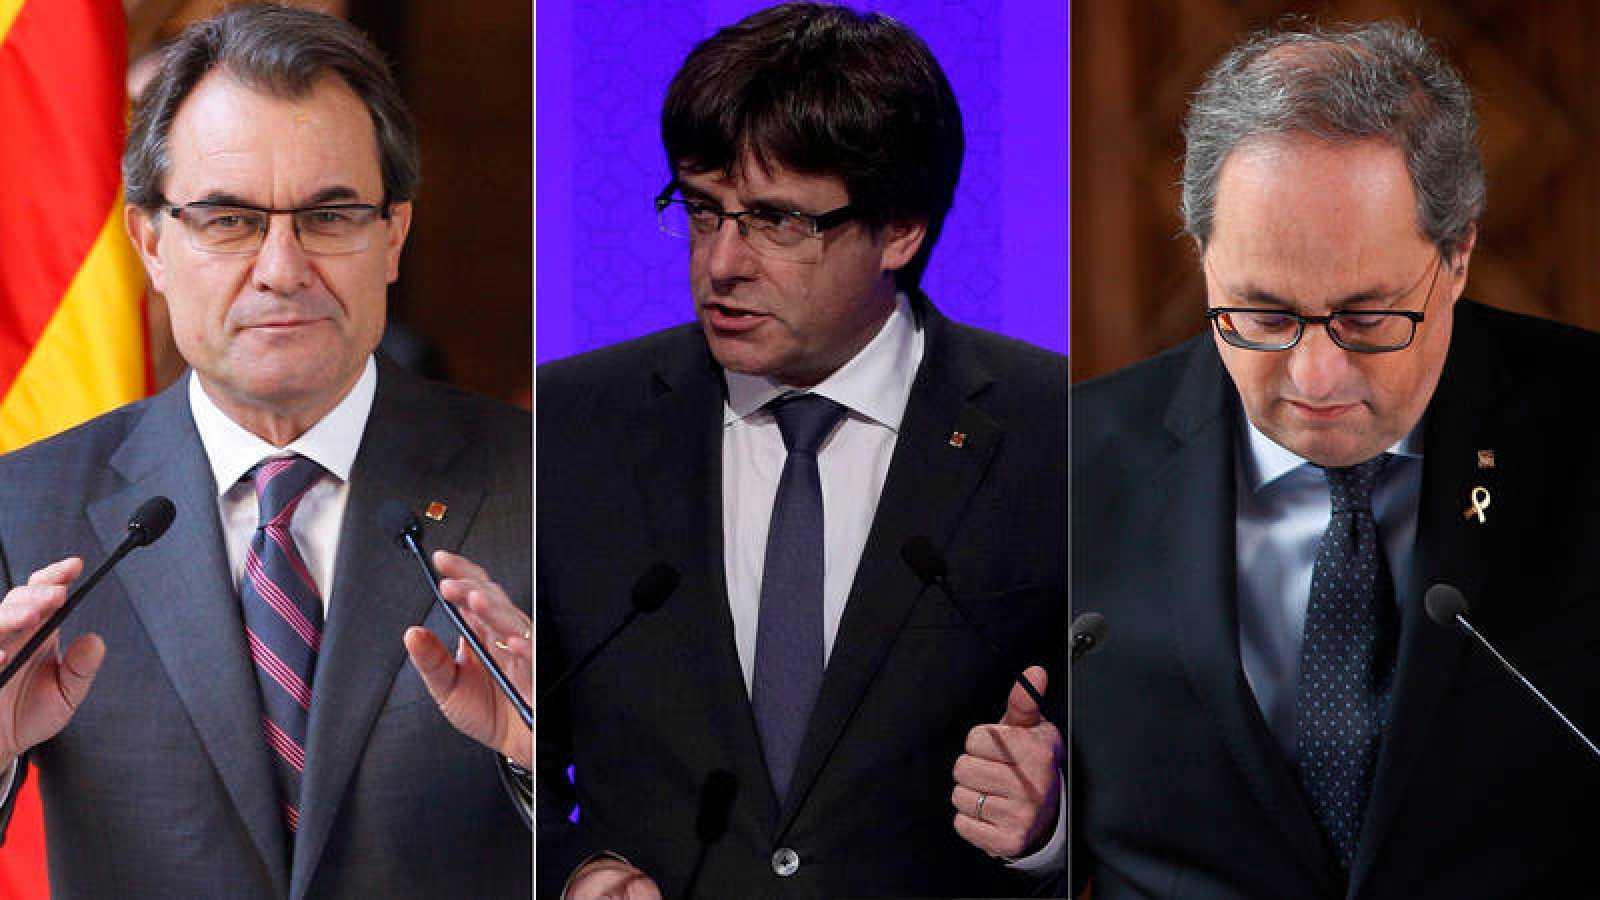 Elecciones en Cataluña: Los presidentes catalanes Artur Mas, Carles Puigdemont y Quim Torra